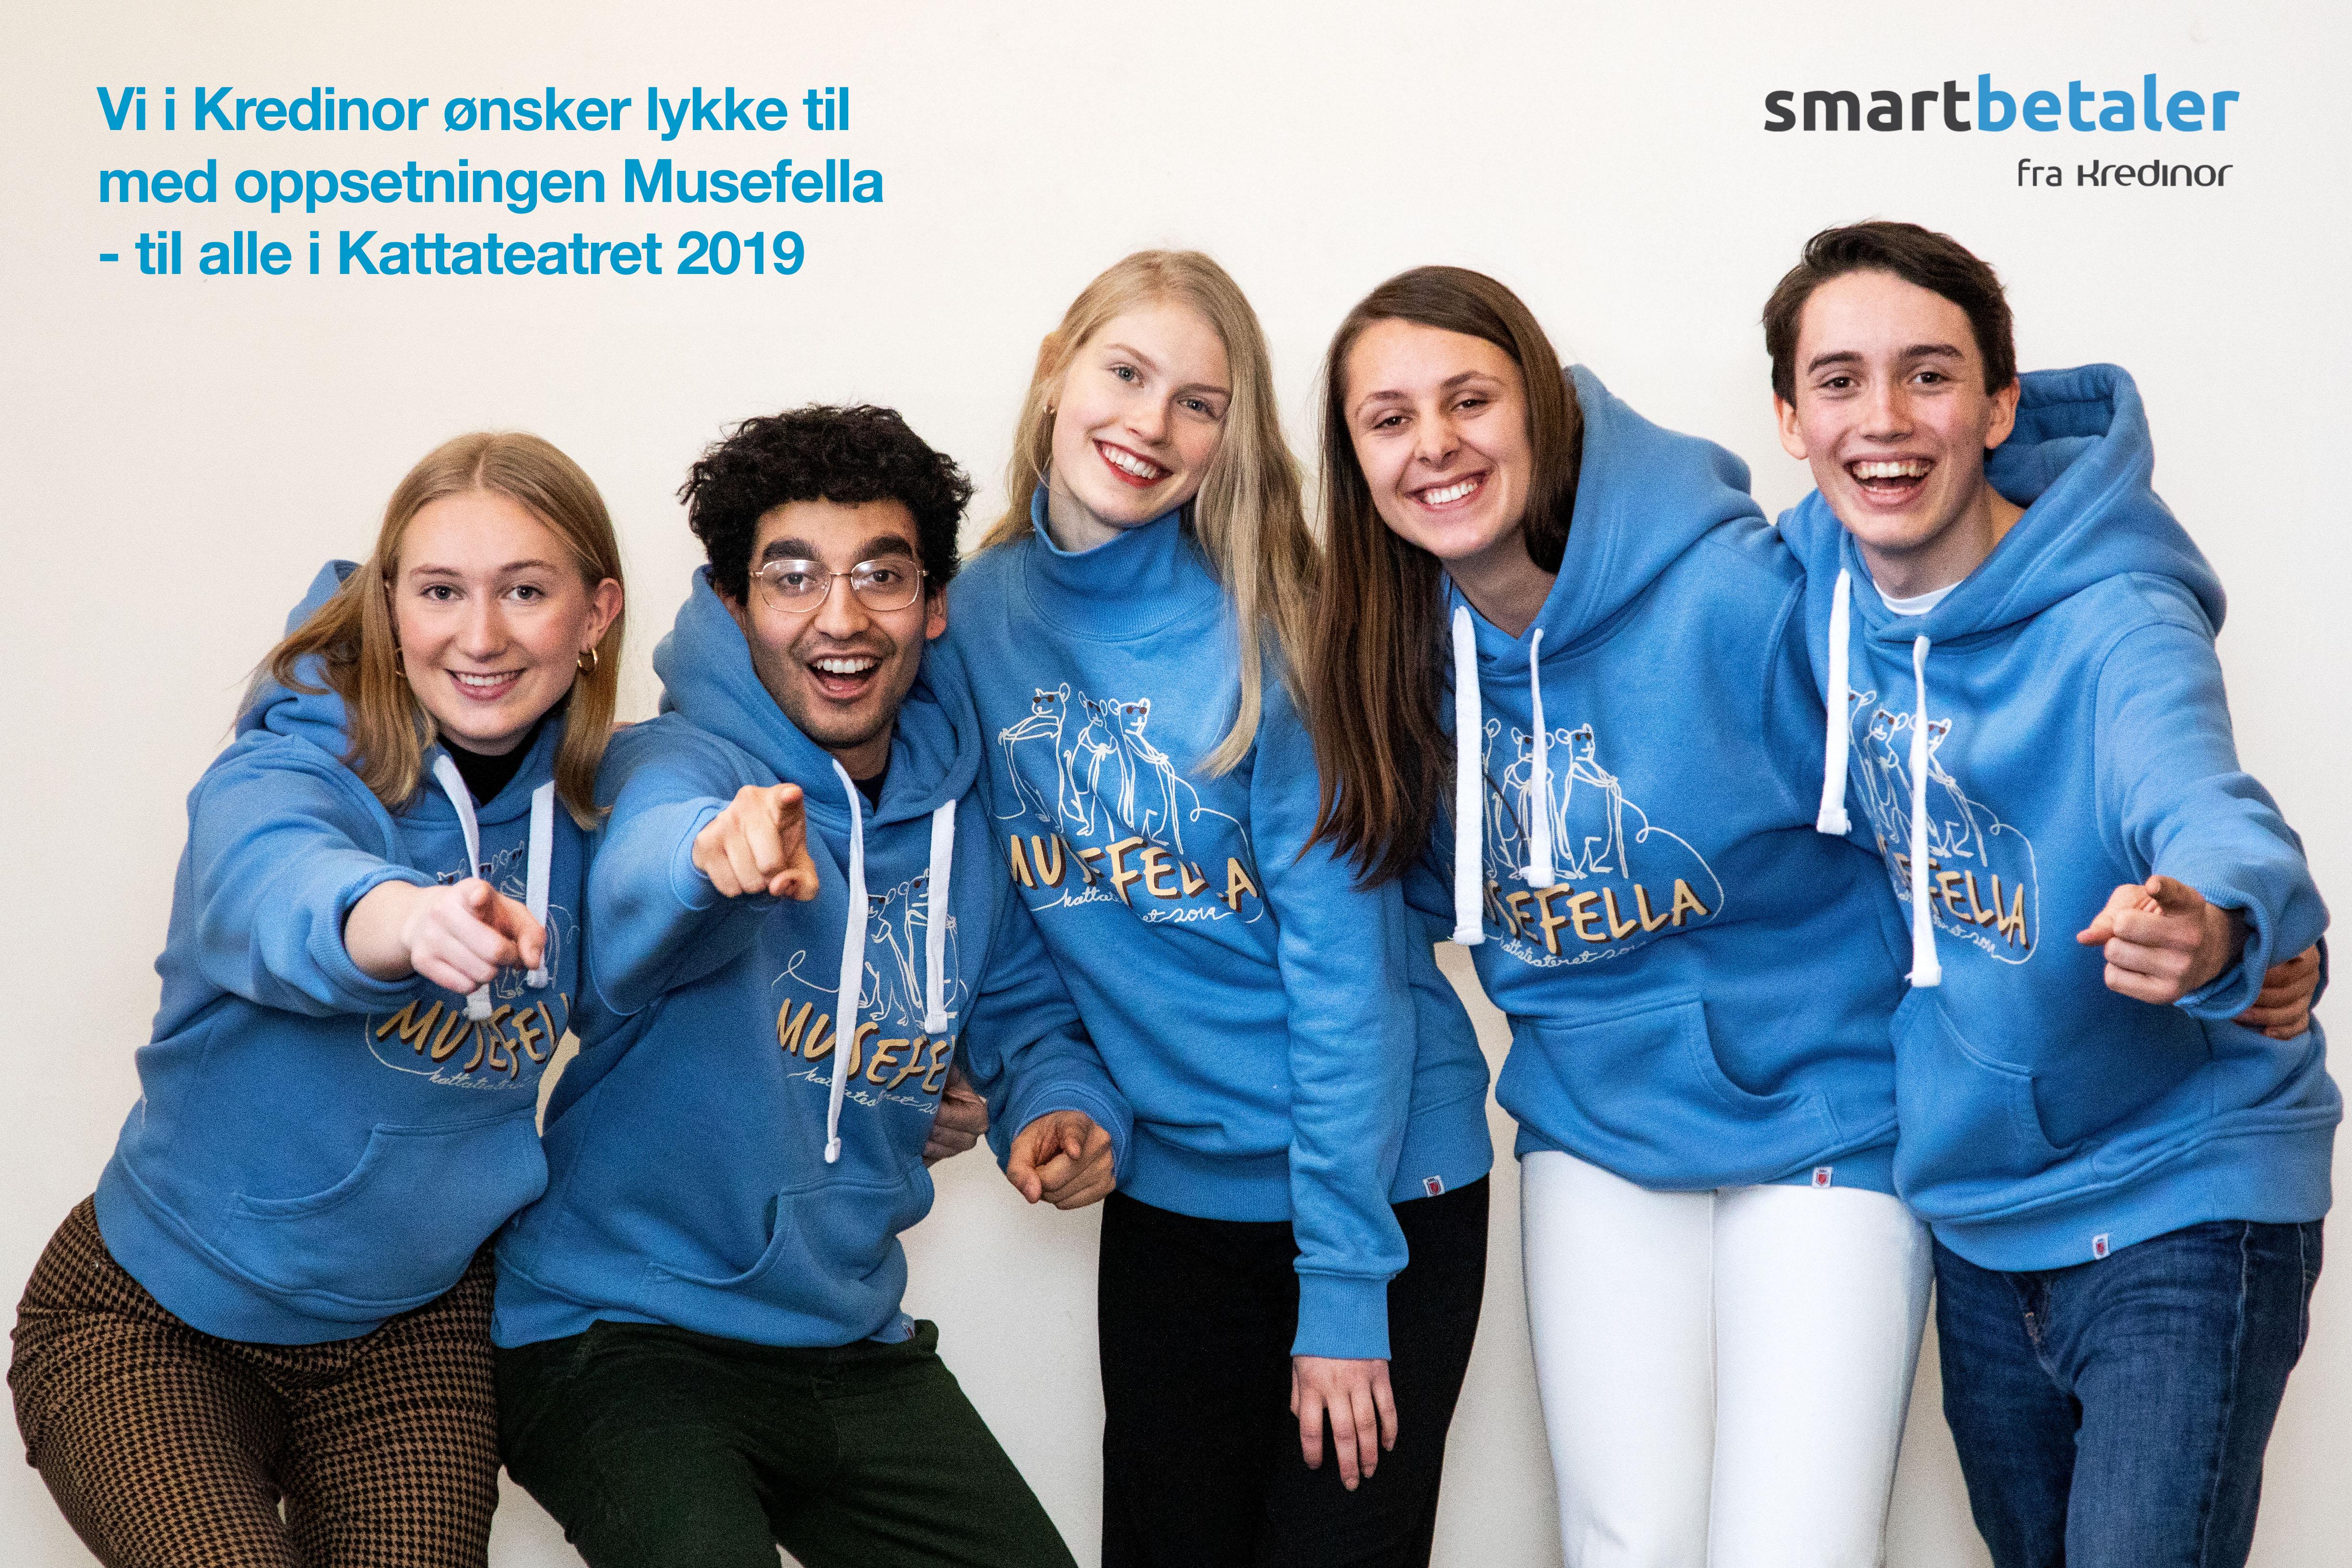 kattateatret-2019_lykke-til-med-oppsetningen